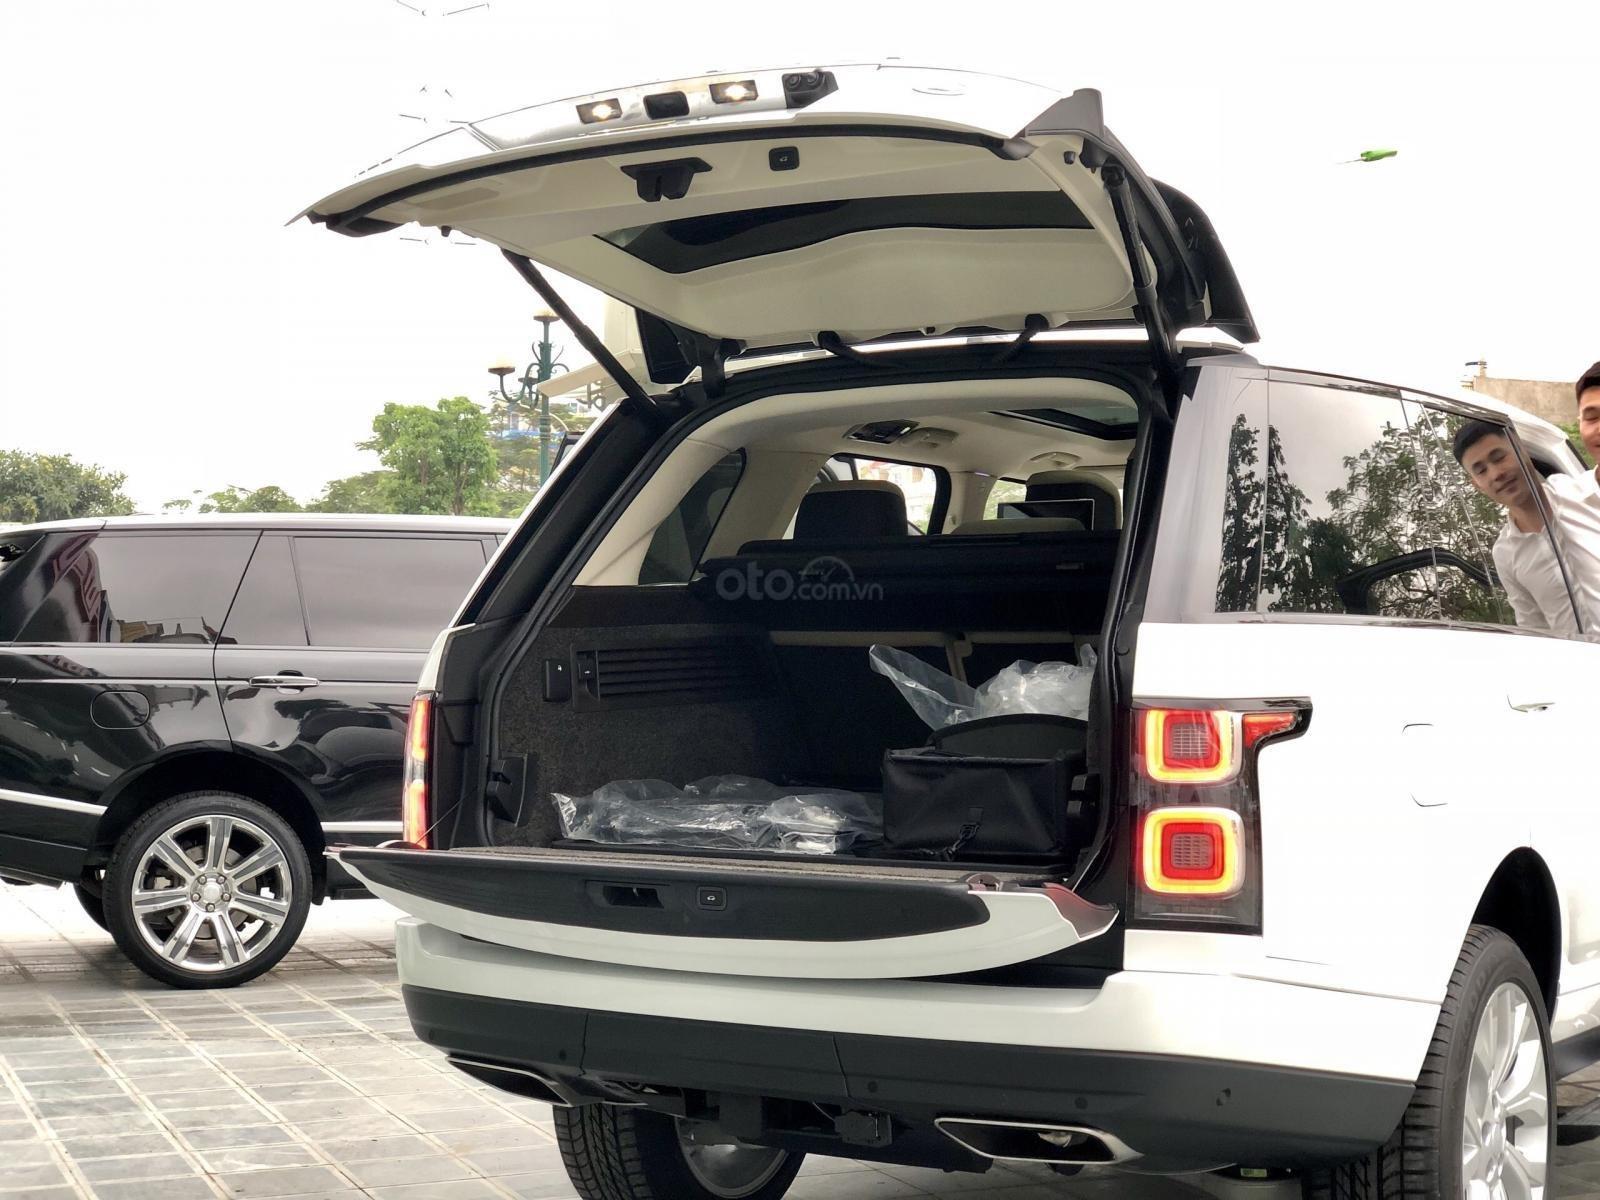 Bán LandRover Range Rover HSE 3.0 năm 2018, màu trắng, nhập khẩu, hỗ trợ ngân hàng 6 tỷ, call: 0914.868.198 (10)